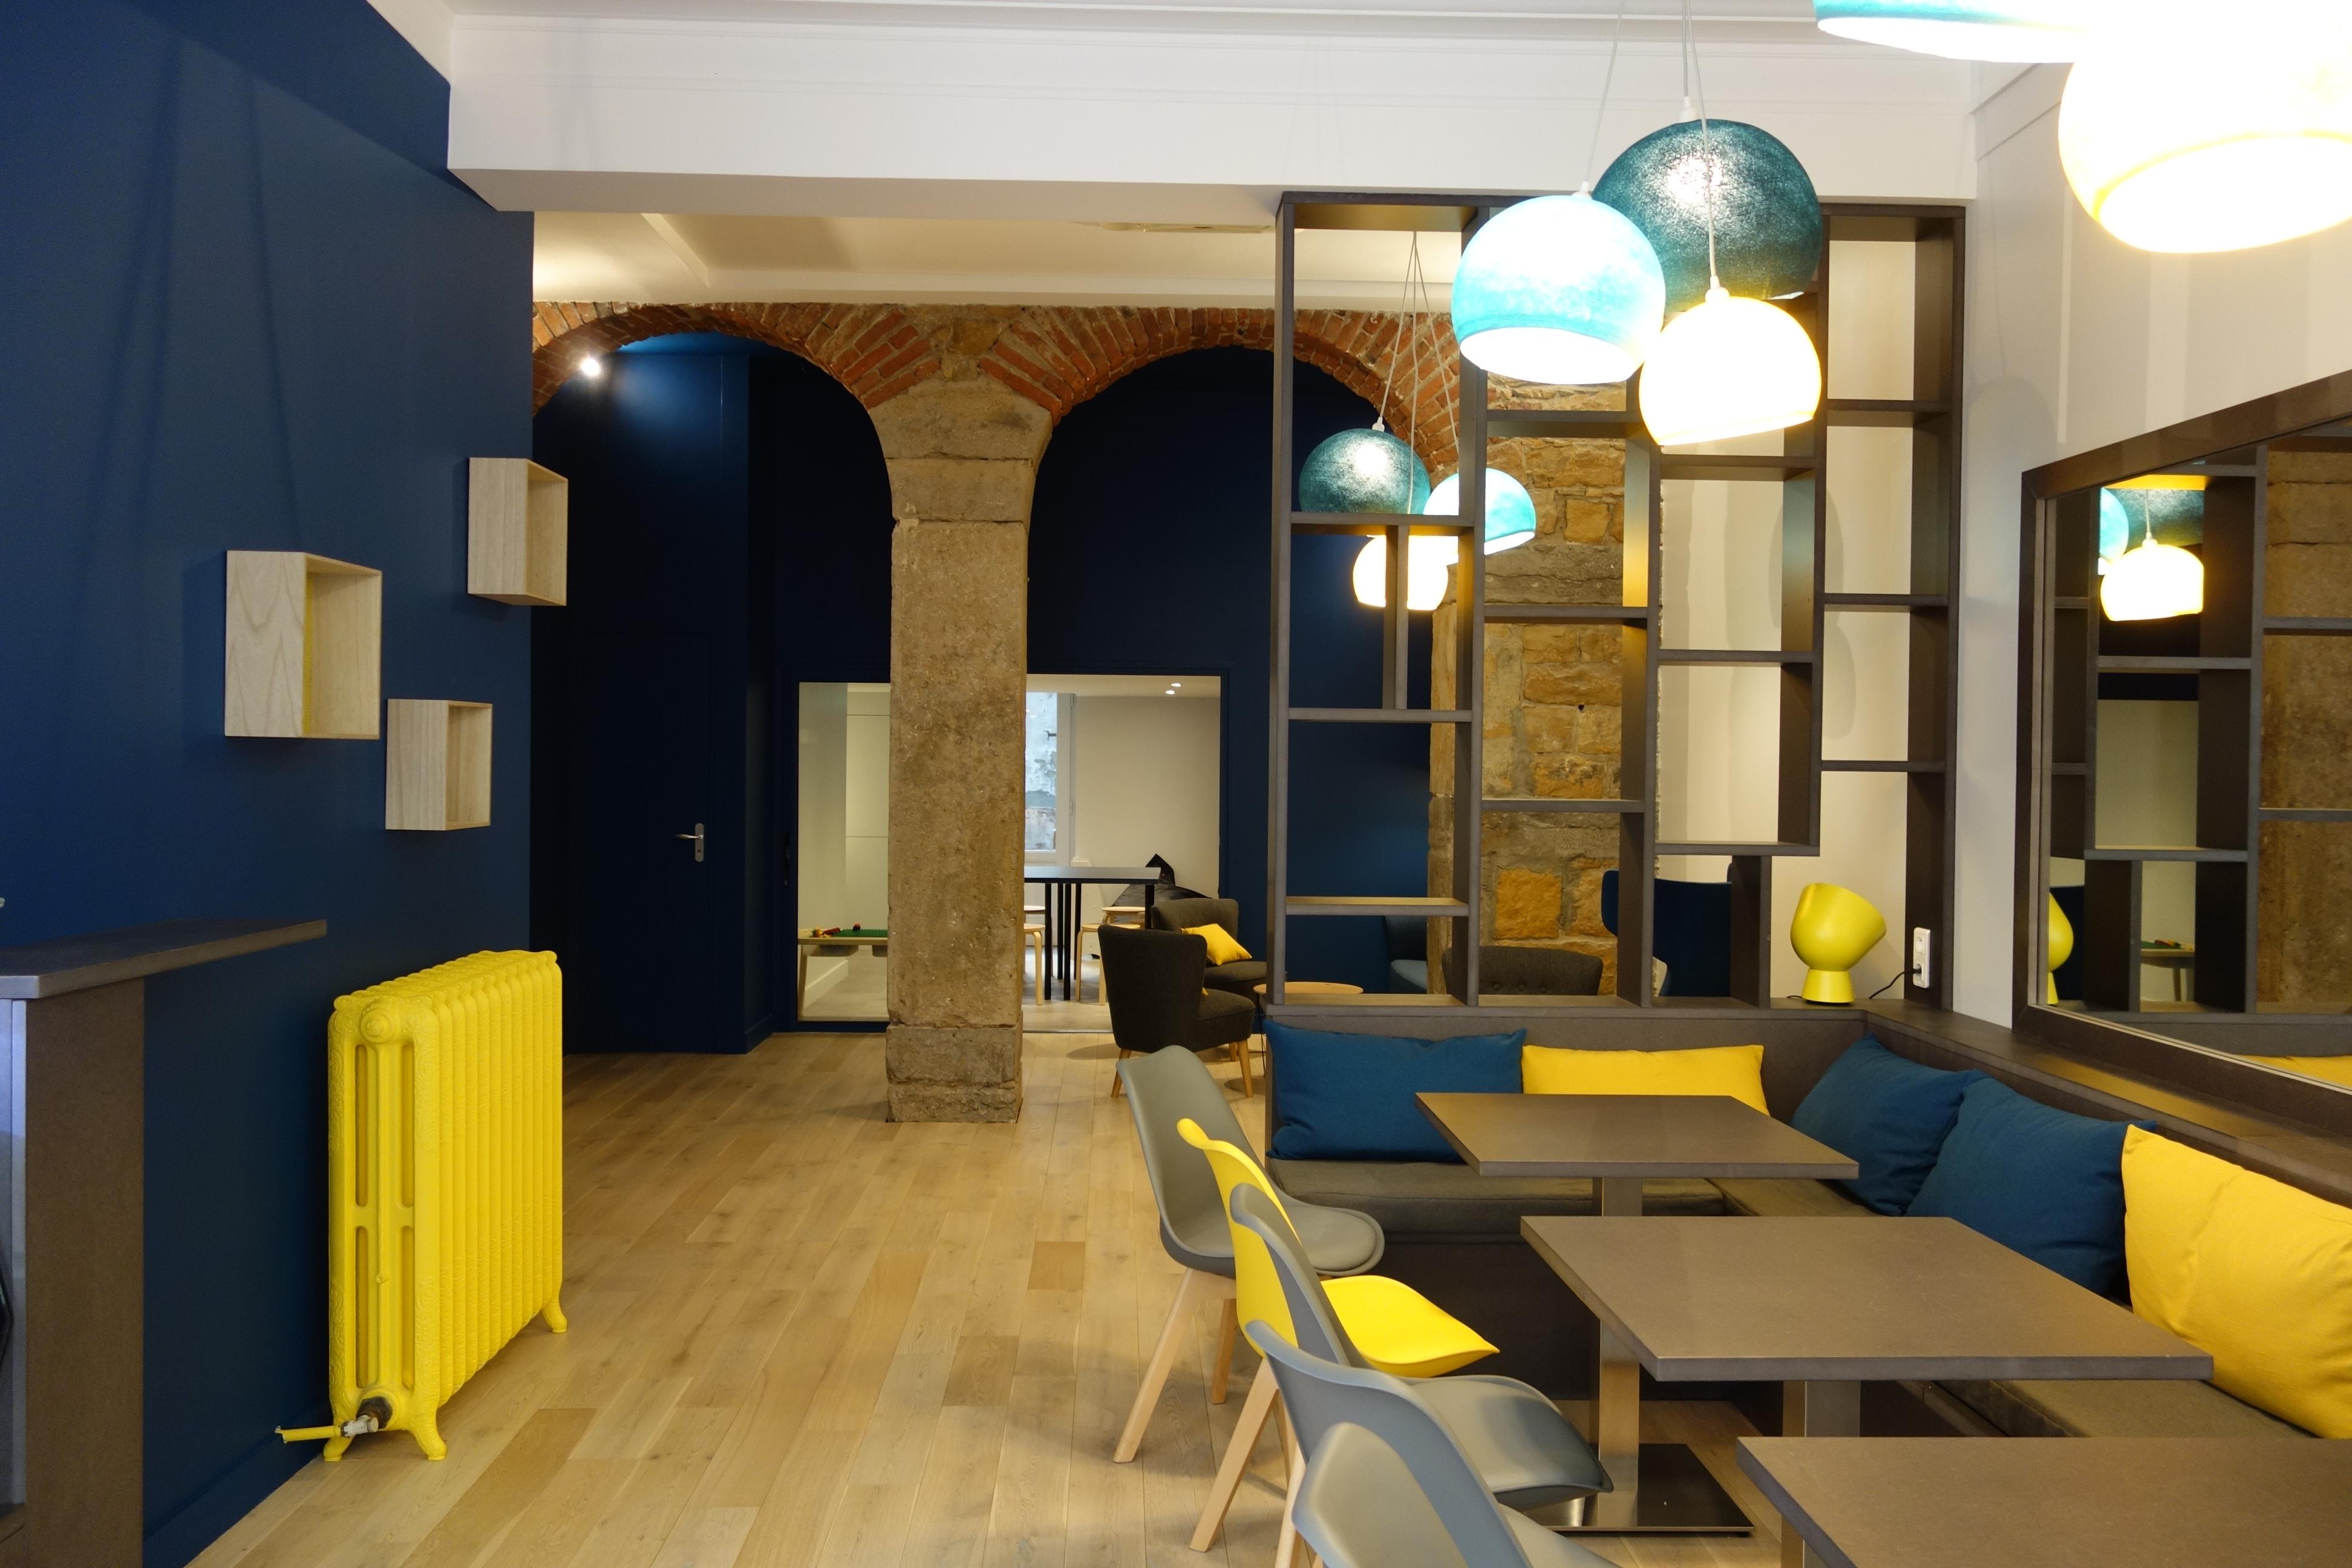 Le Tout Petit Café: le nouveau salon de thé familial – ÉTABLISSEMENT FERMÉ